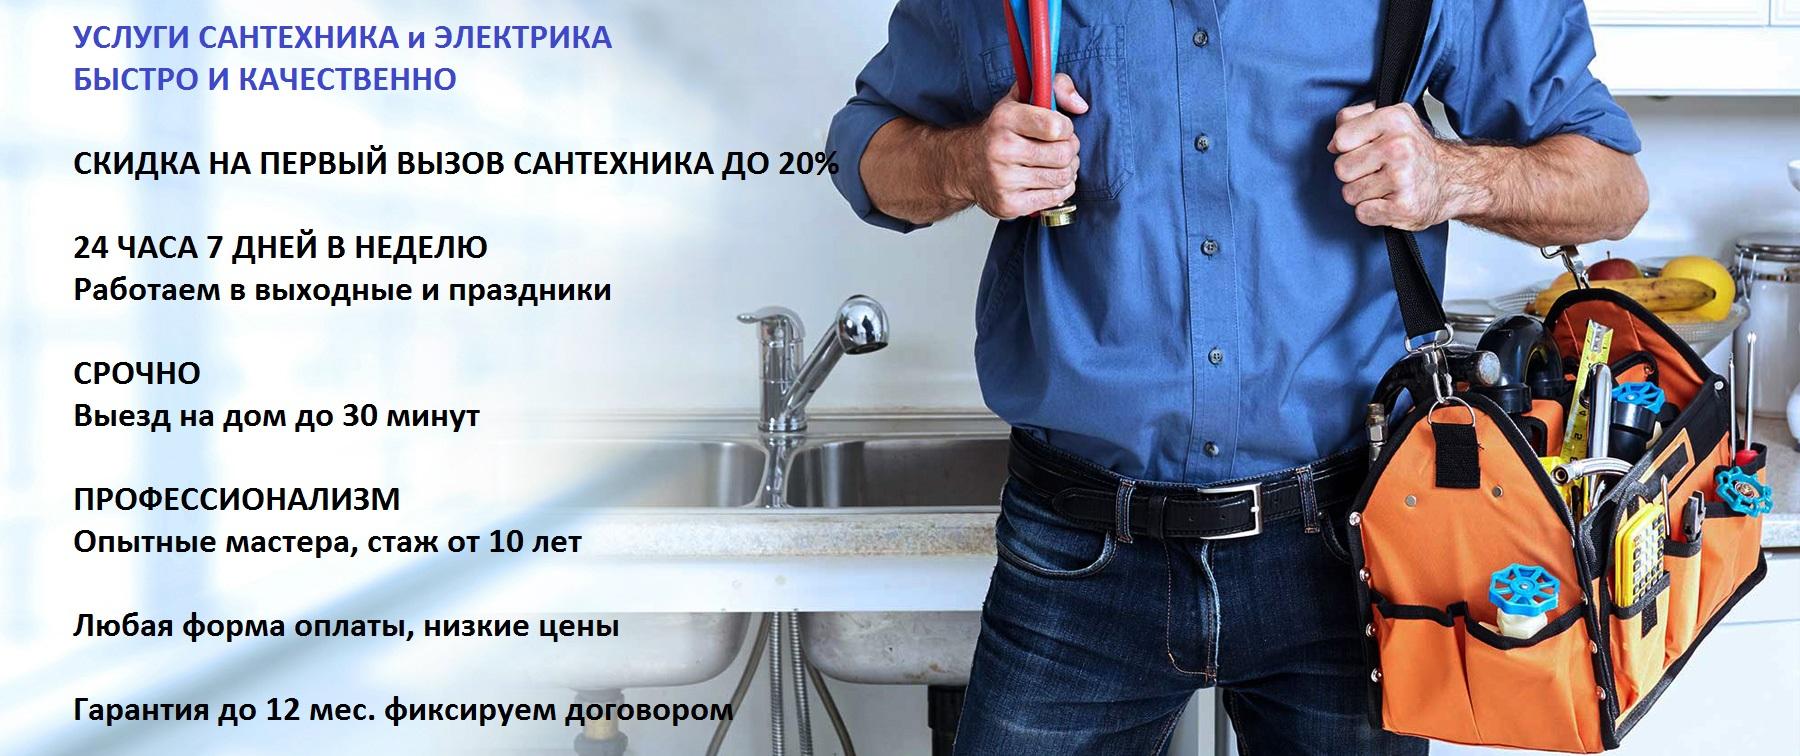 Сантехник Москва 24 часа